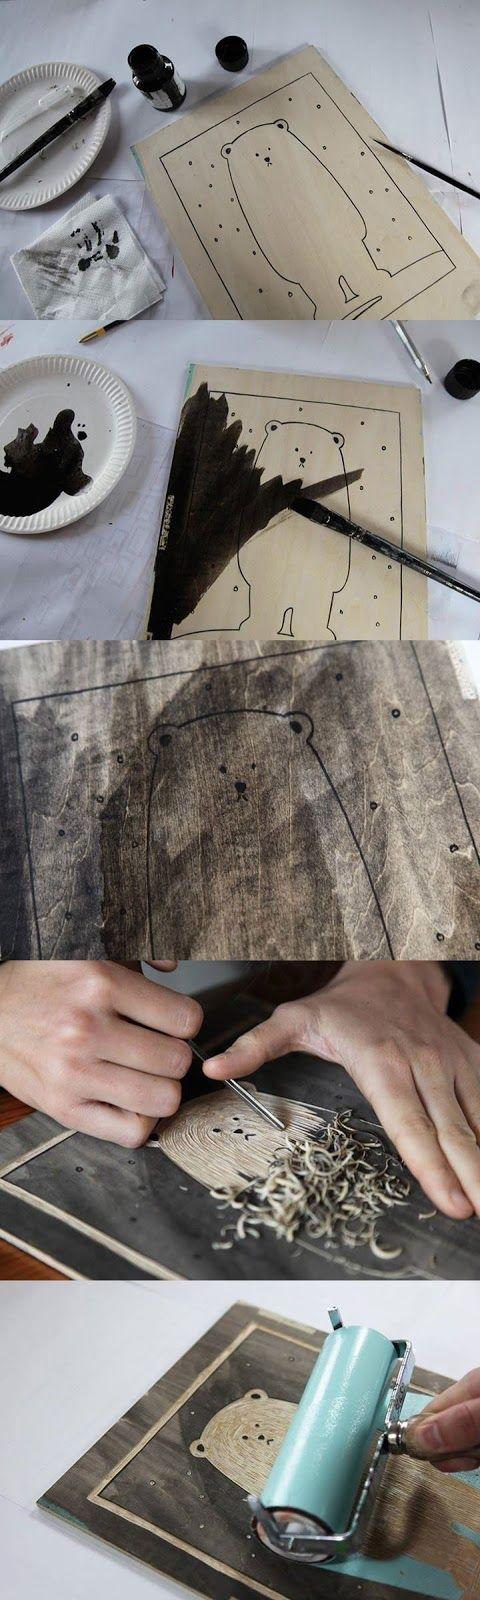 Tutoriales y DIYs: DIY - Tallar una imagen en madera